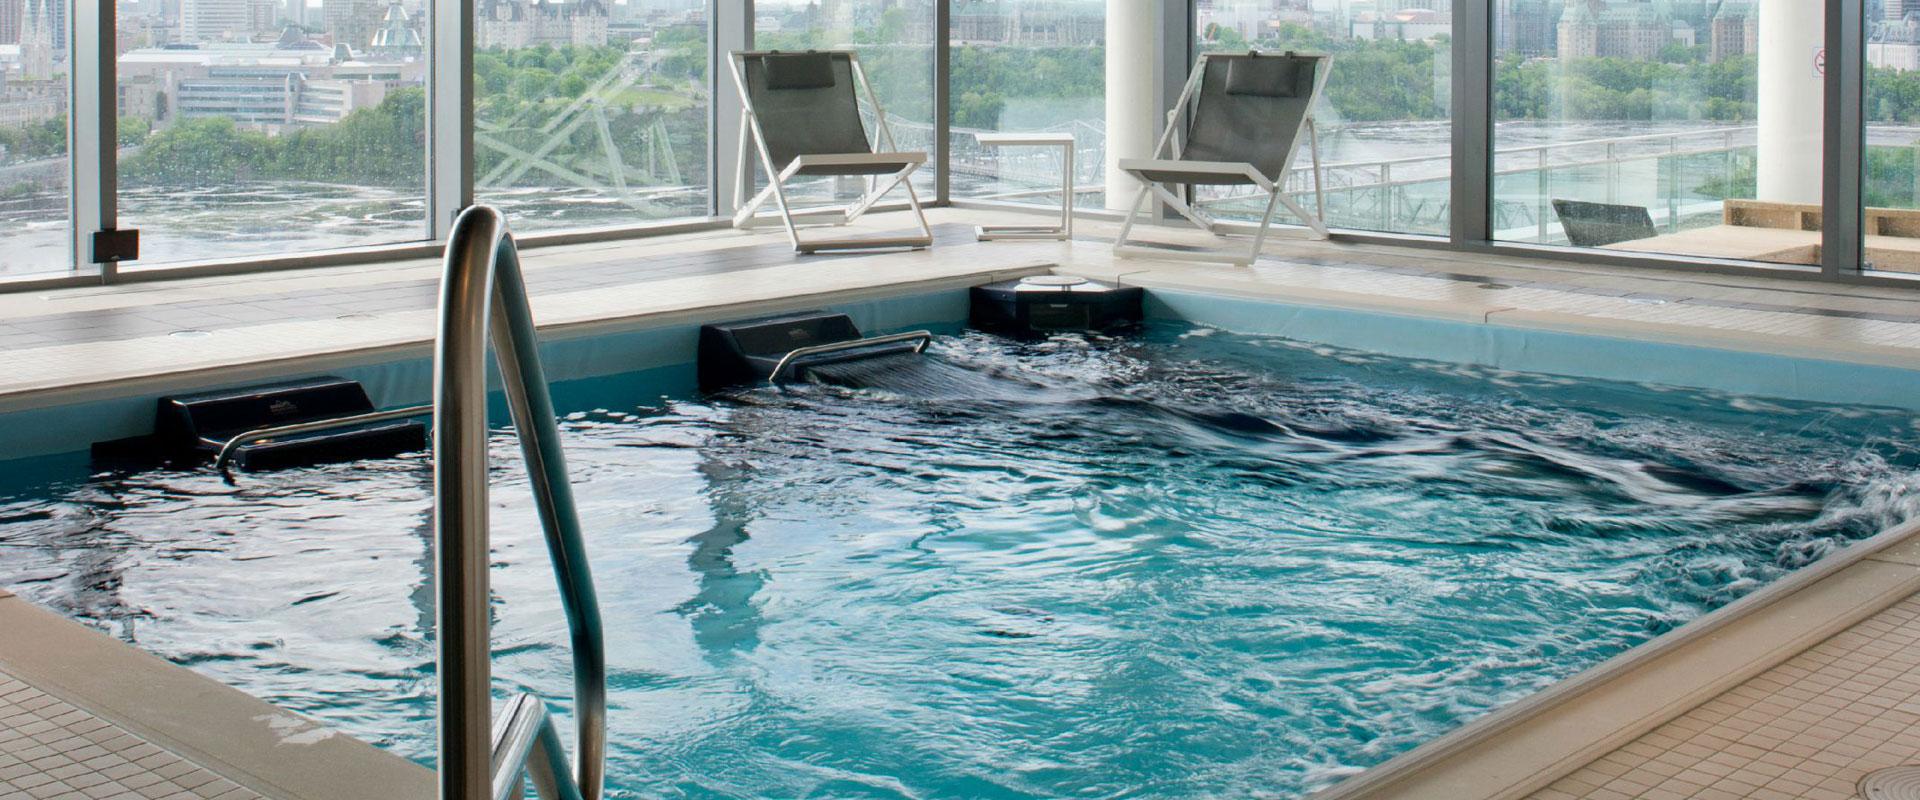 Dual-Propulsion Pools